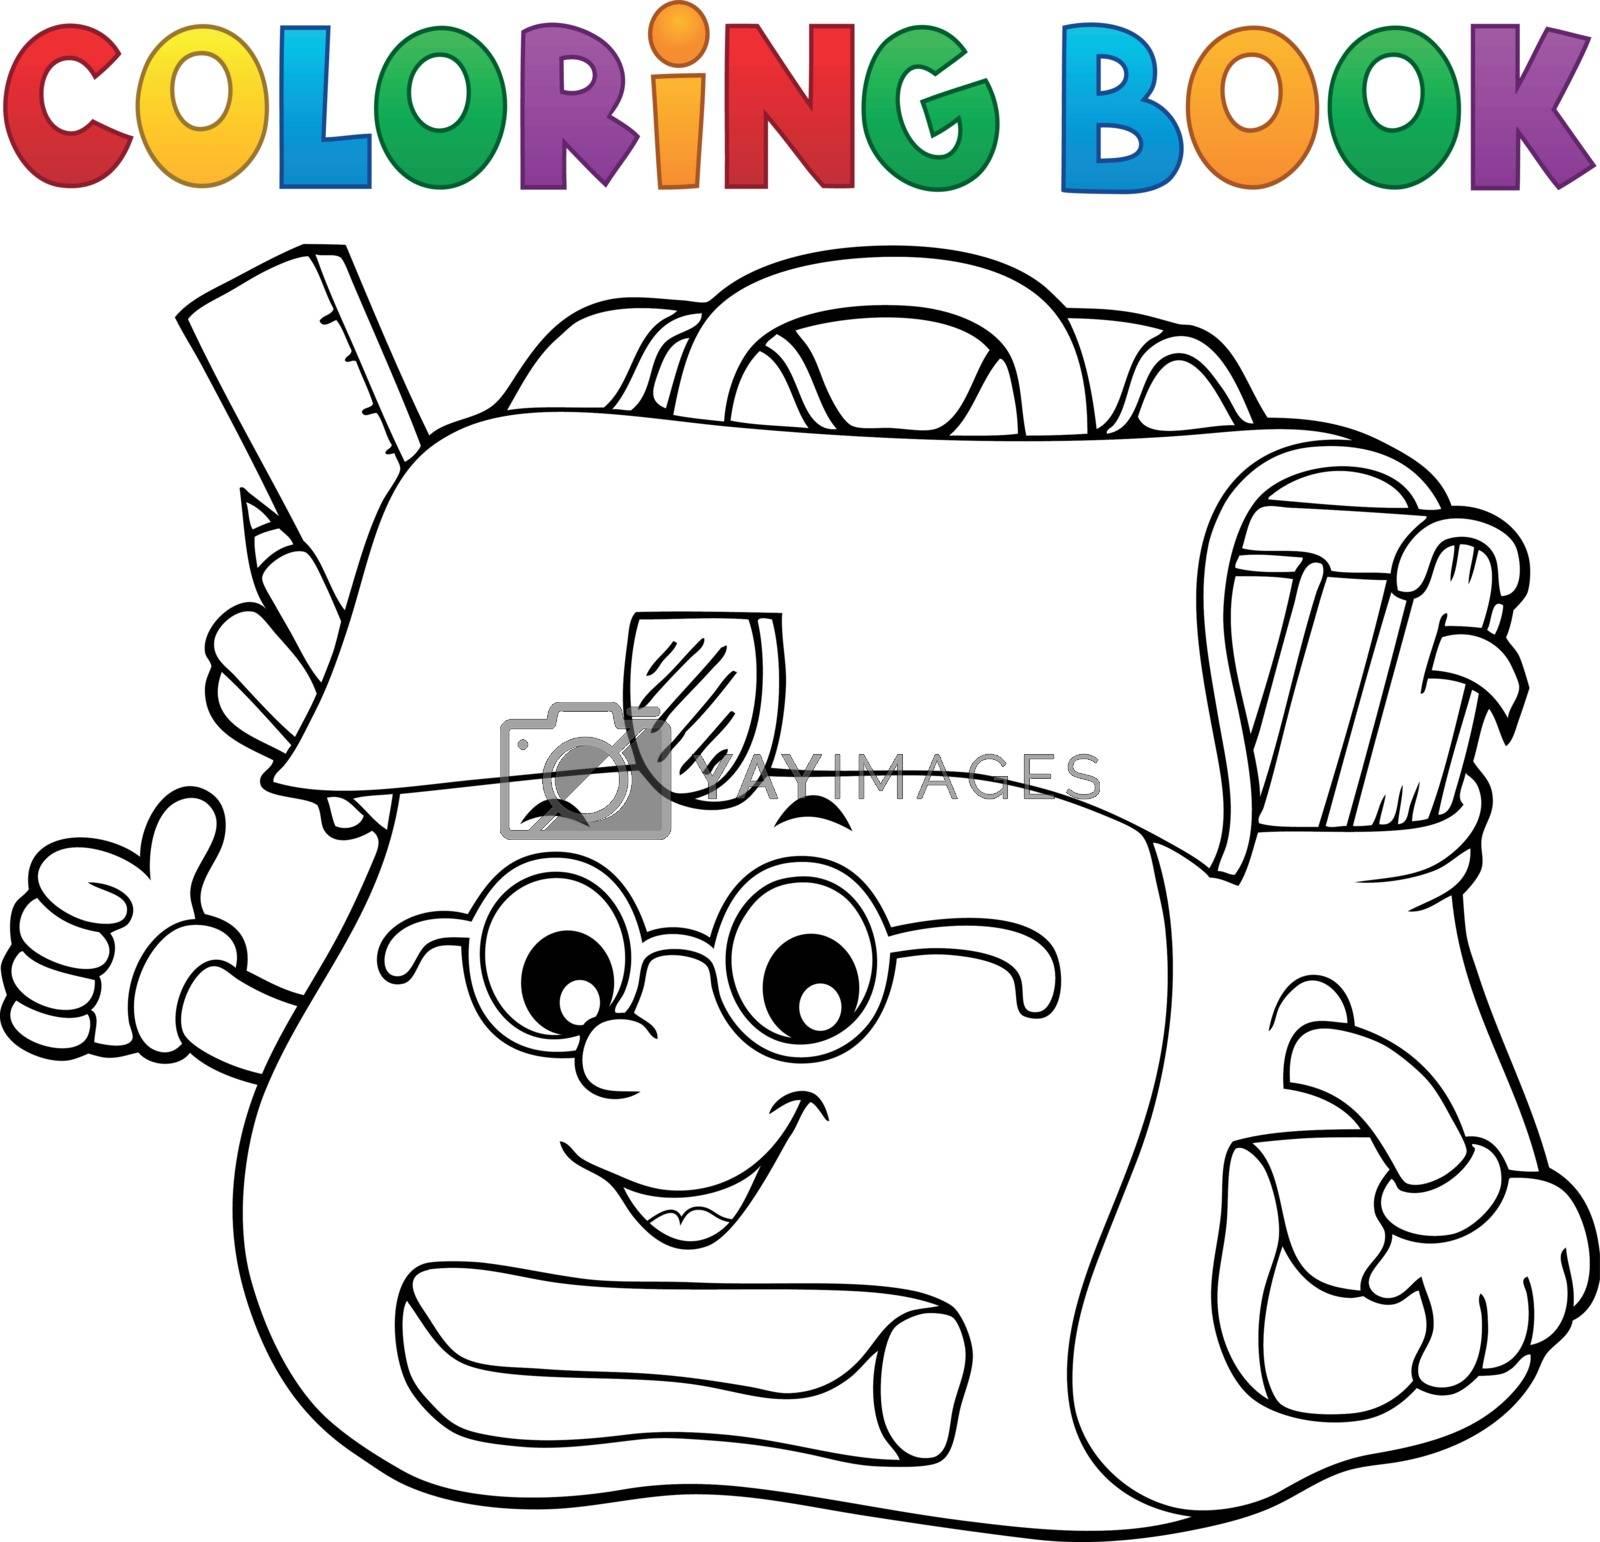 Coloring book happy schoolbag topic 2 - eps10 vector illustration.